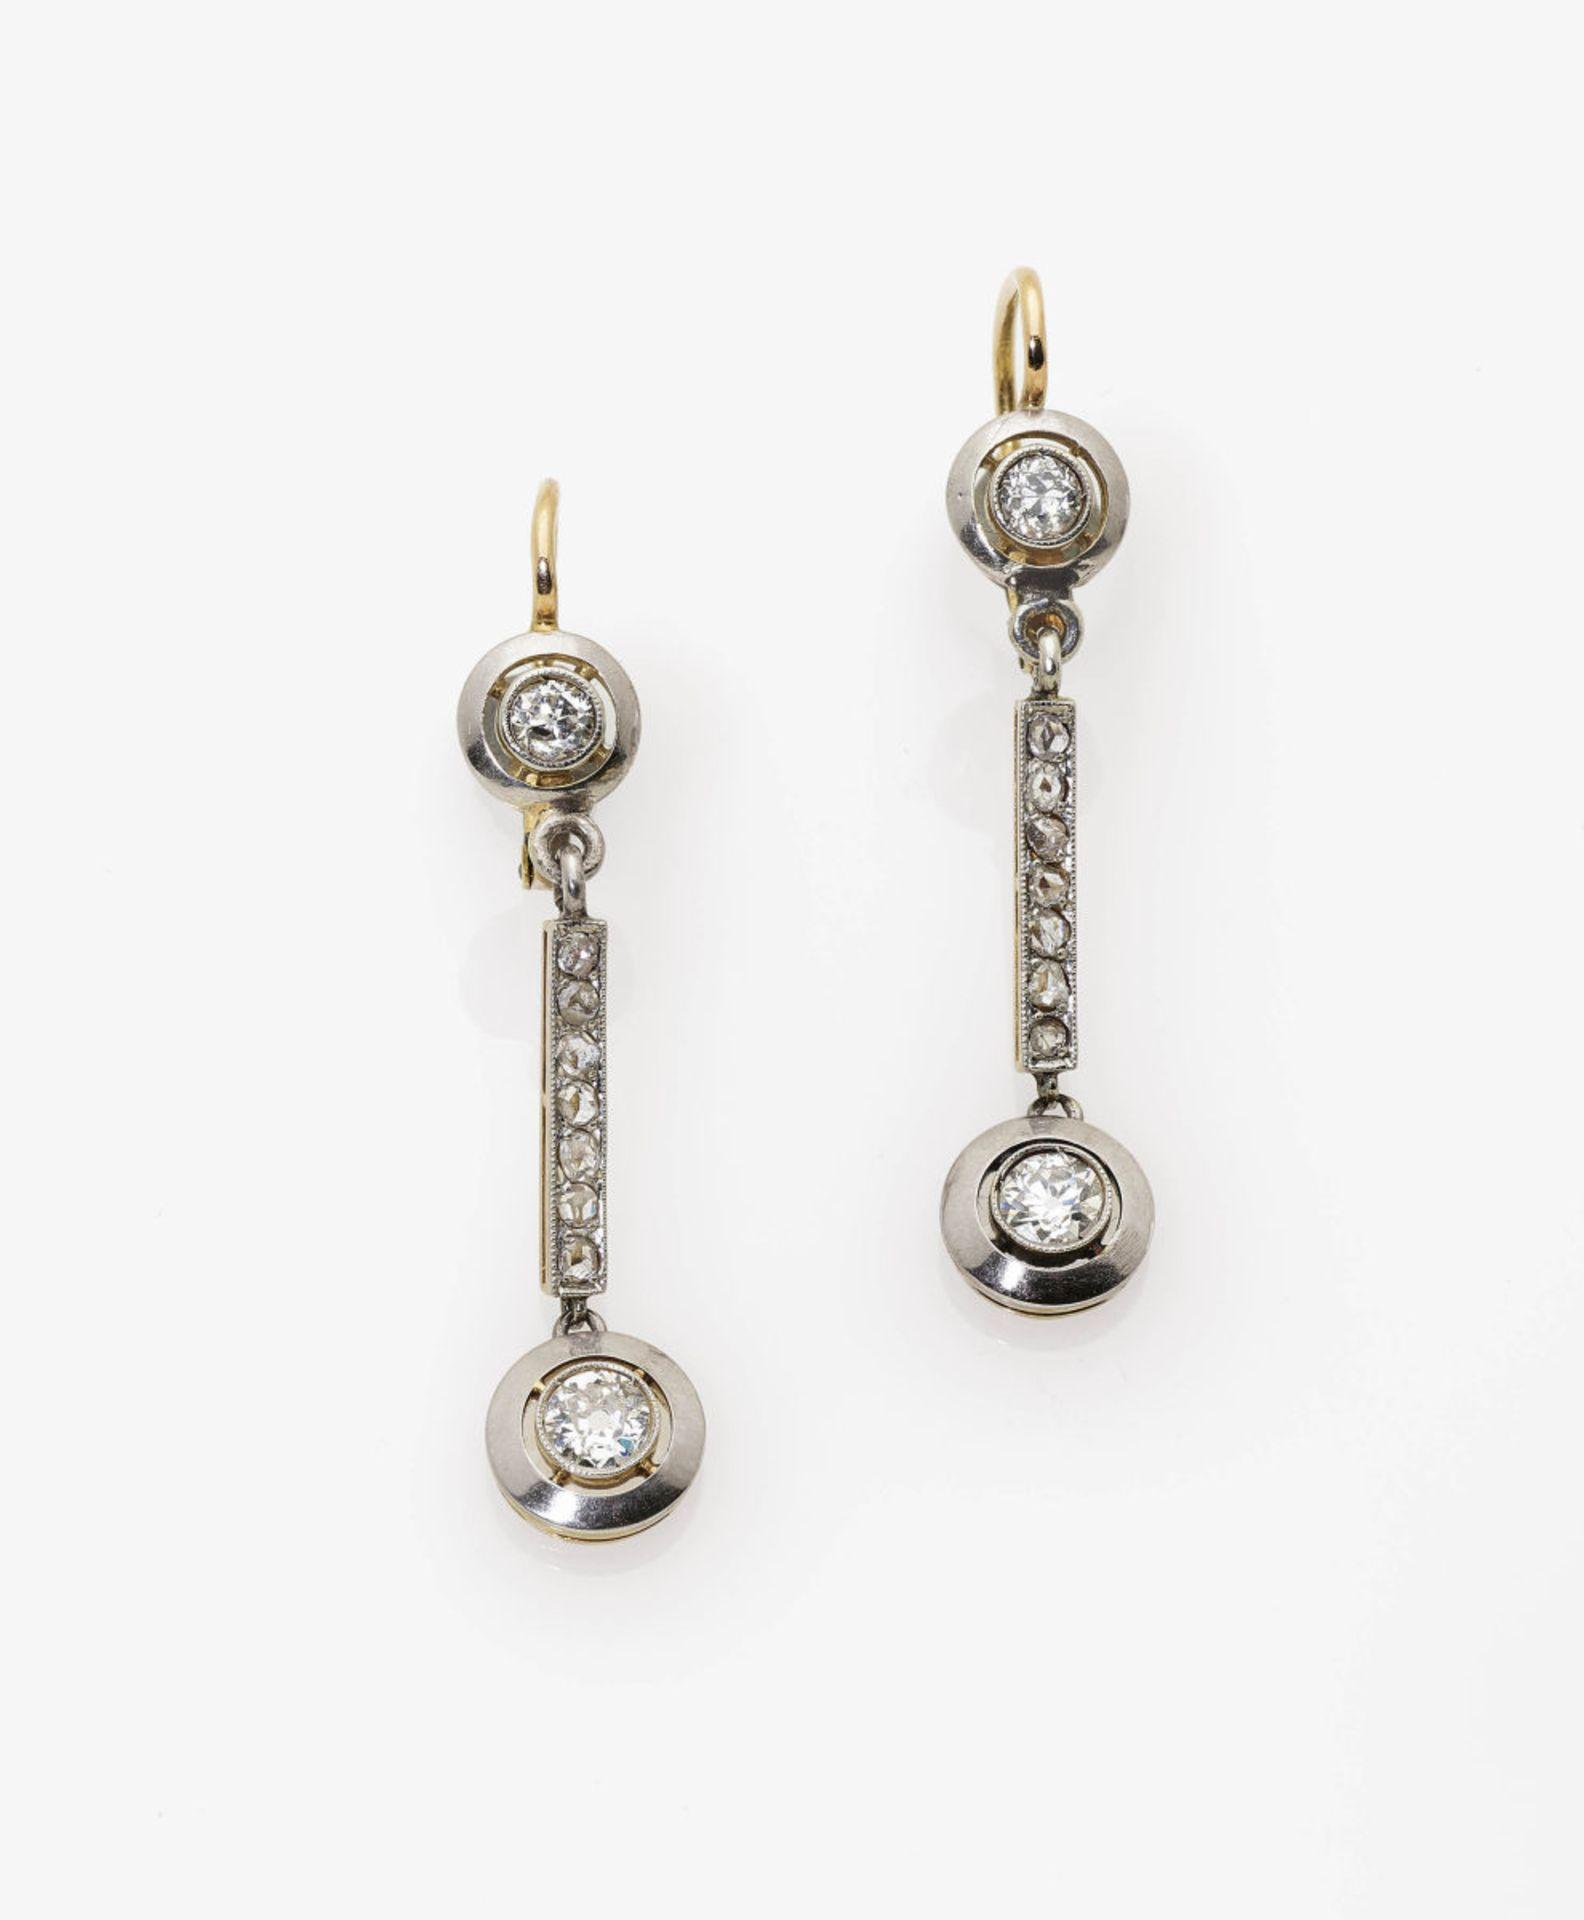 Los 1015 - A Pair of Diamond Earrings